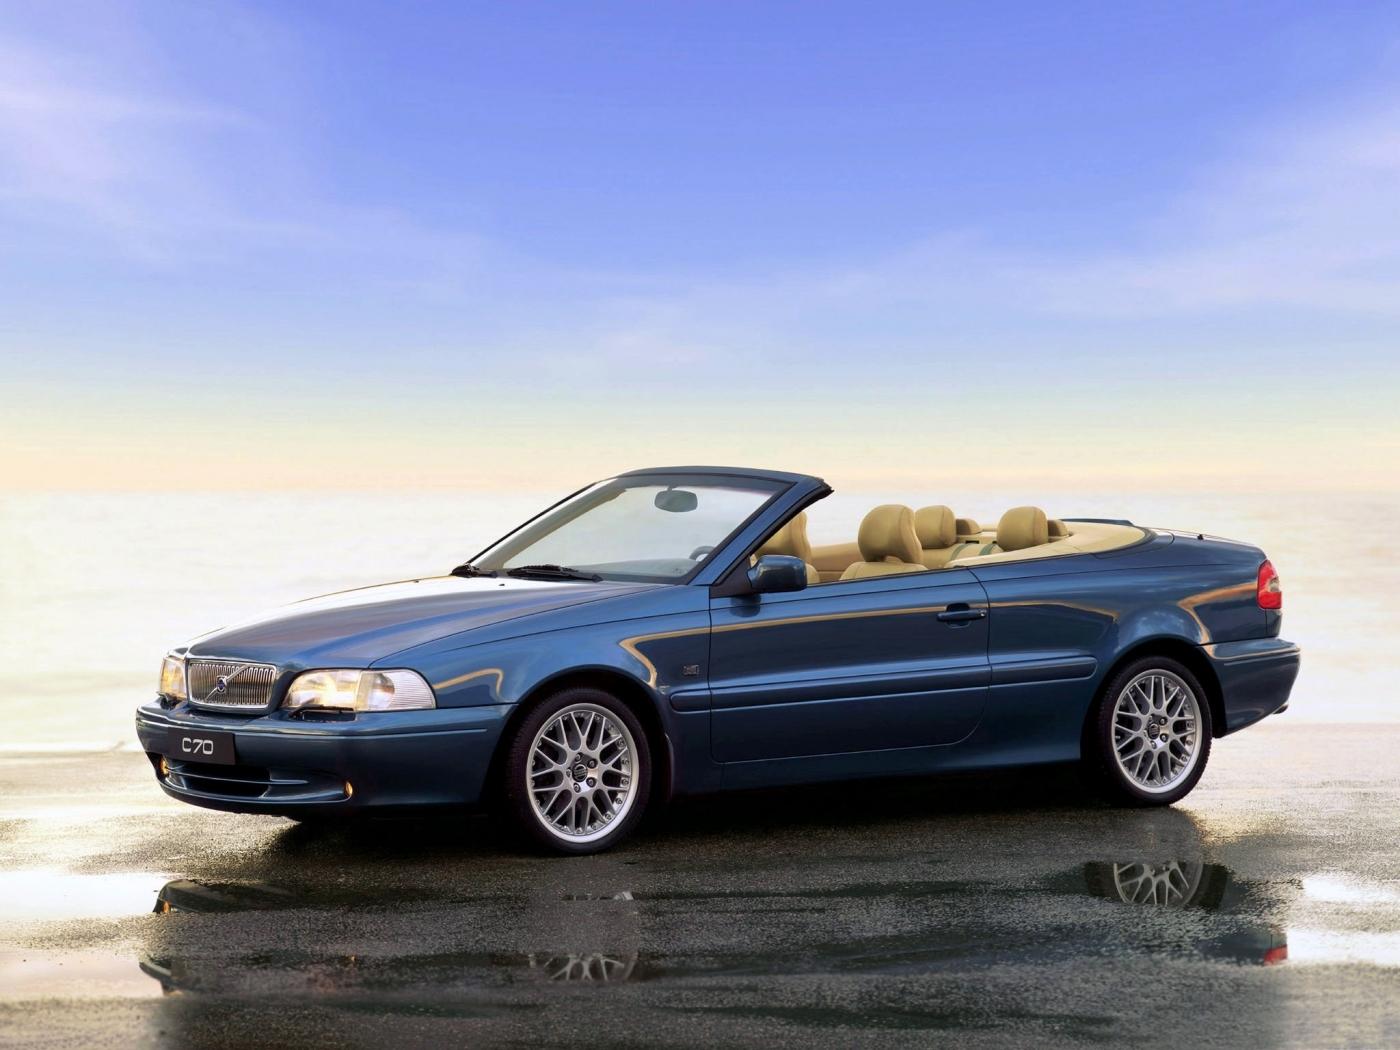 28657 скачать обои Транспорт, Машины, Вольво (Volvo) - заставки и картинки бесплатно